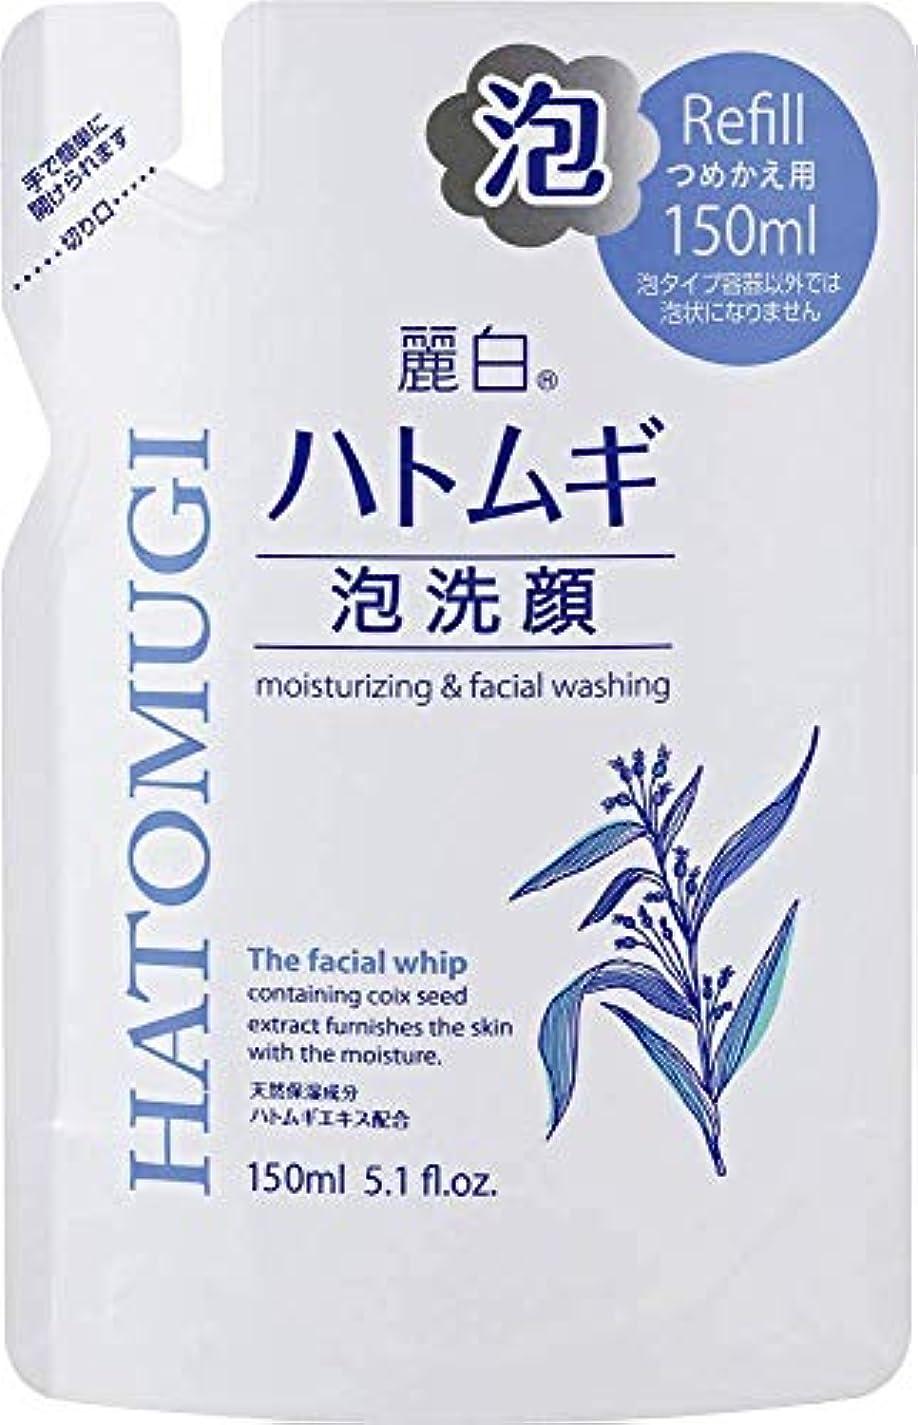 長いですセミナードラッグ麗白 ハトムギ泡洗顔 詰替150ML × 24点